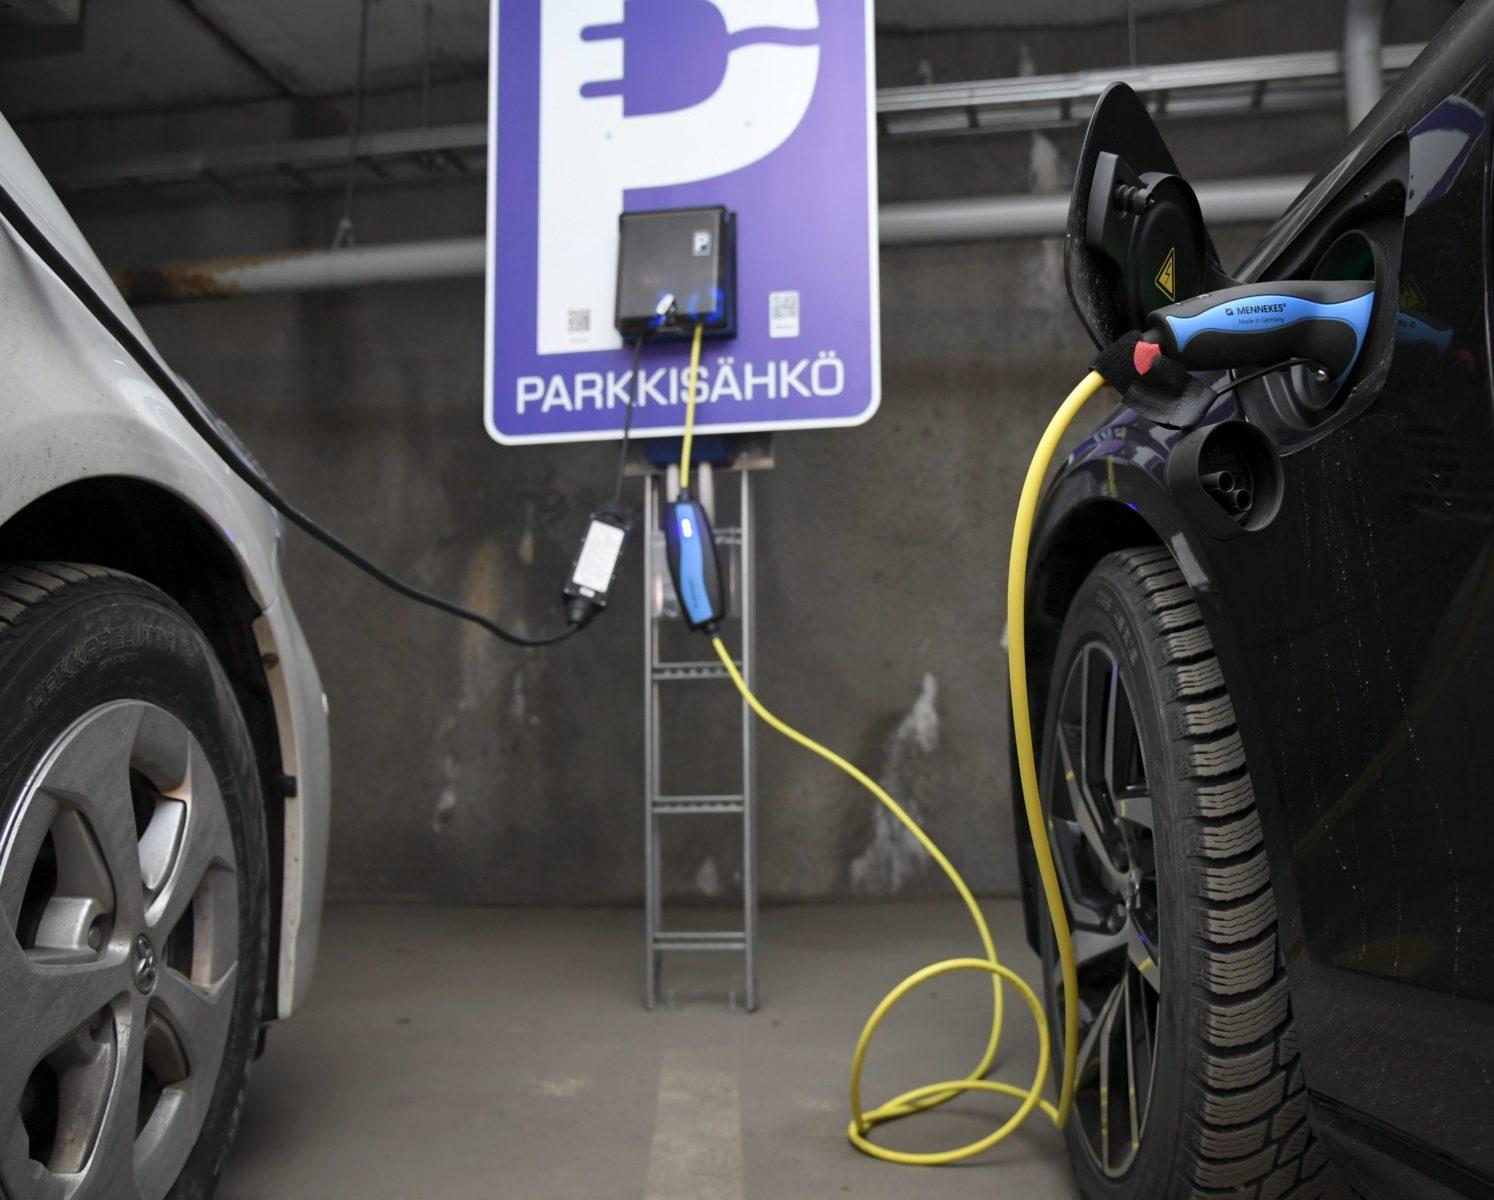 Sähköautoja latauksessa pysäköintihallissa Helsingissä 20. tammikuuta 2020.